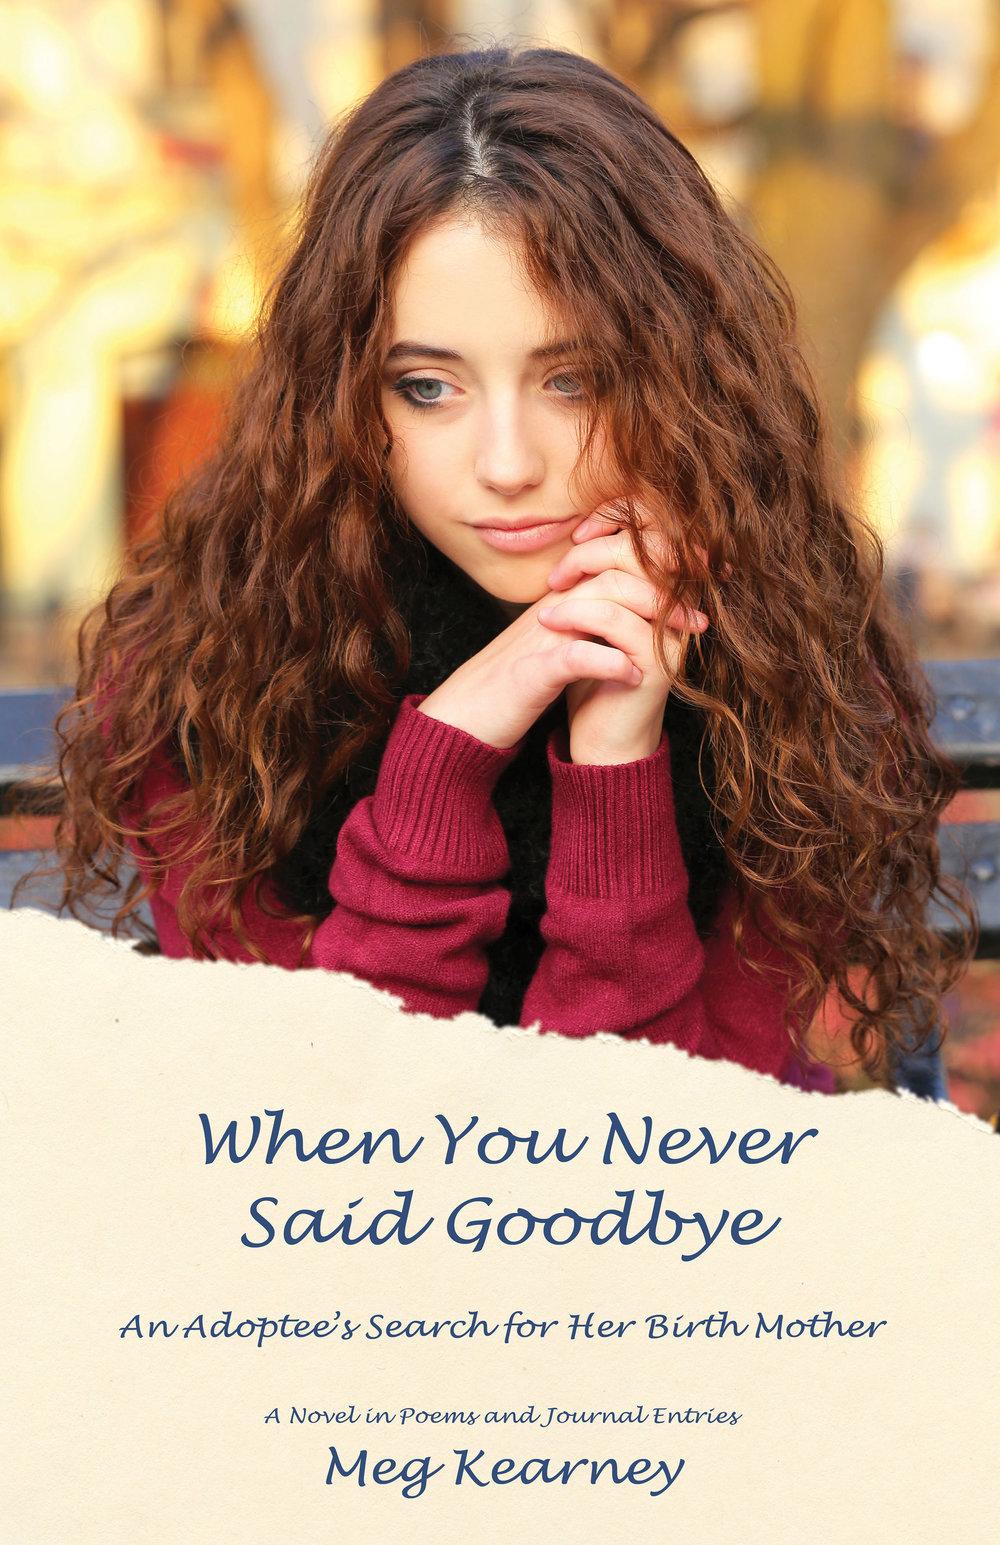 meg kearney when you never said goodbye.jpeg